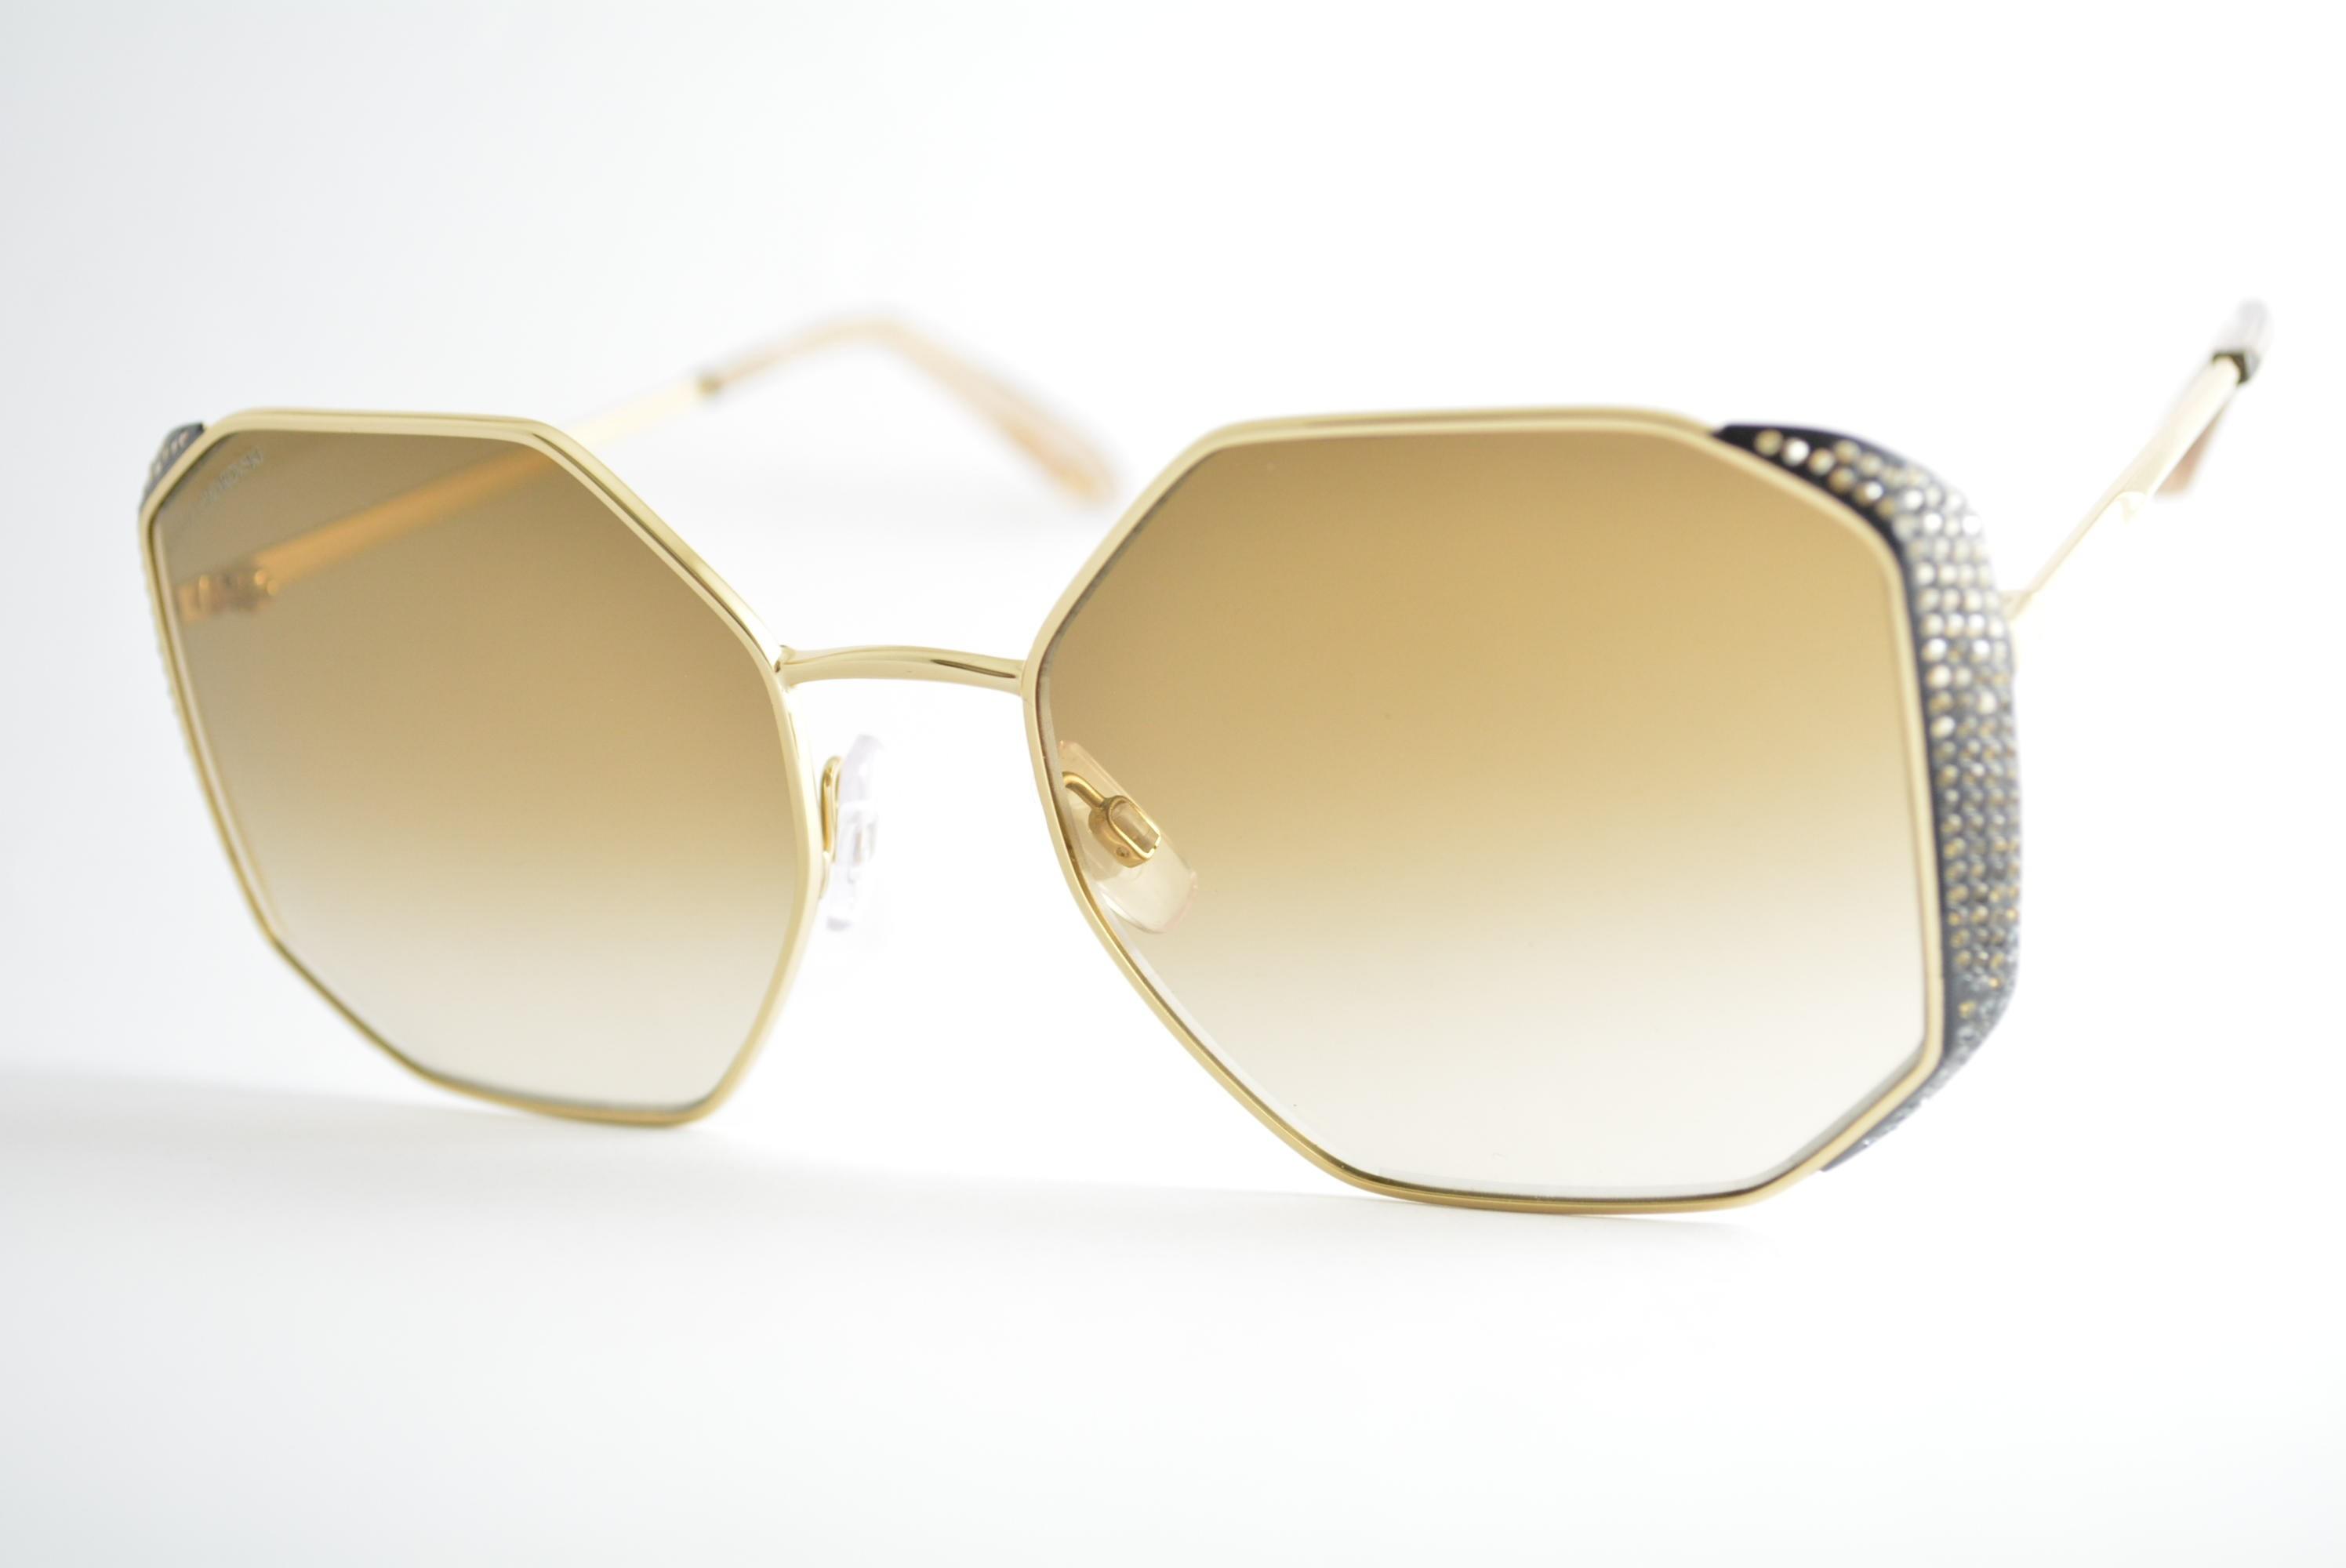 óculos de sol Atelier Swaroski mod sk238-p 30g